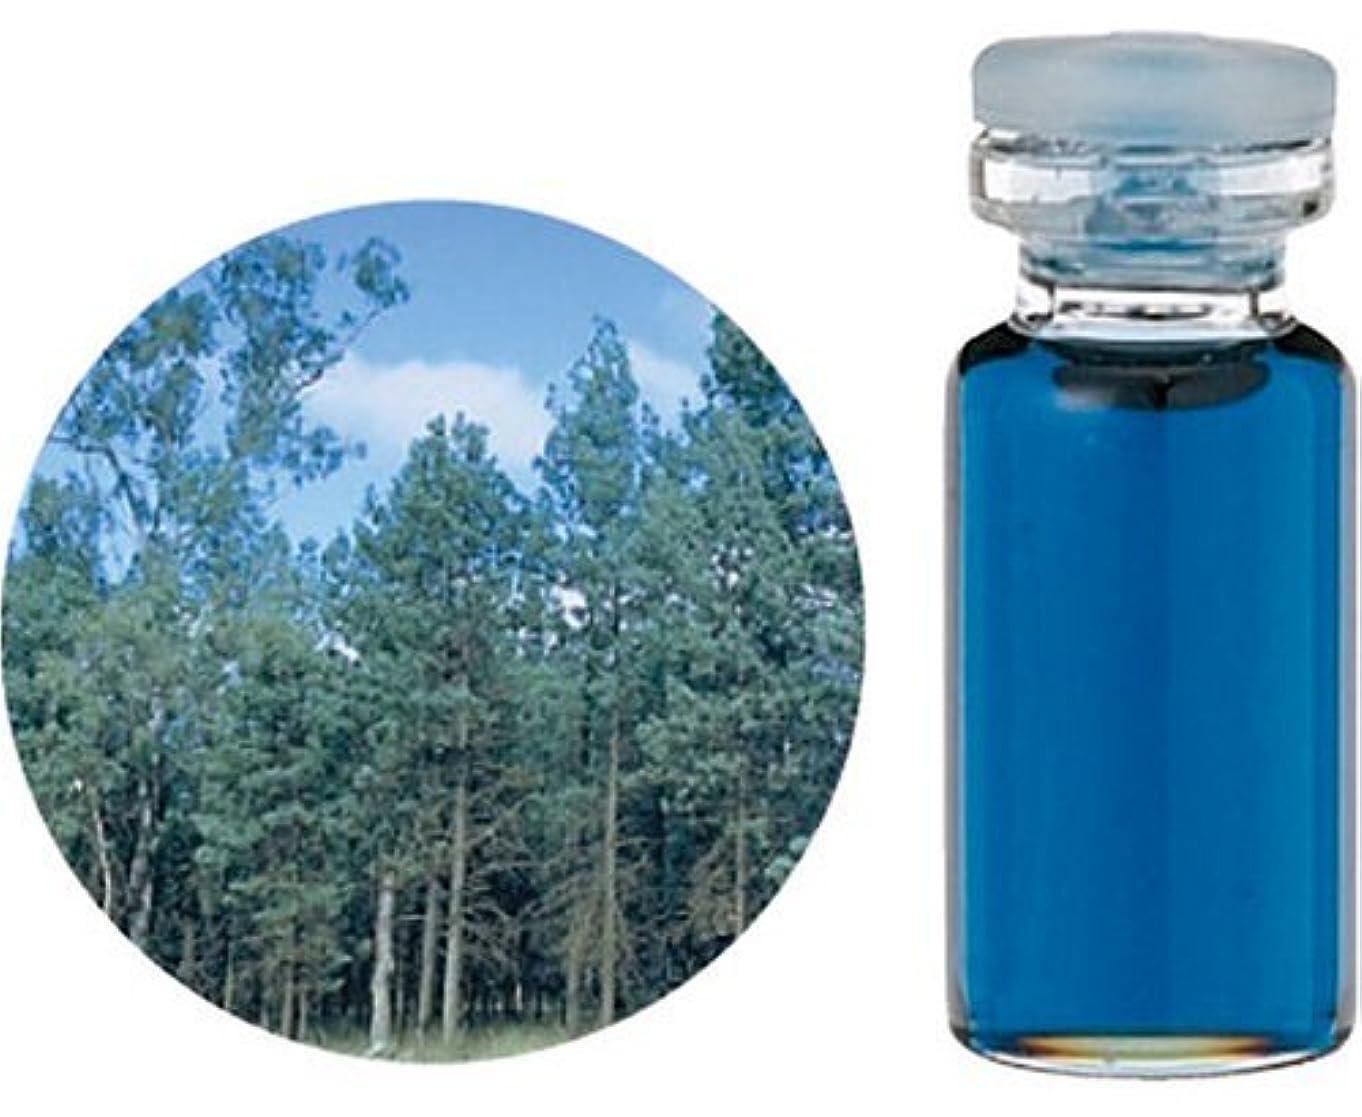 監督するドームベース生活の木 C ブルー サイプレス エッセンシャルオイル 3ml オイル